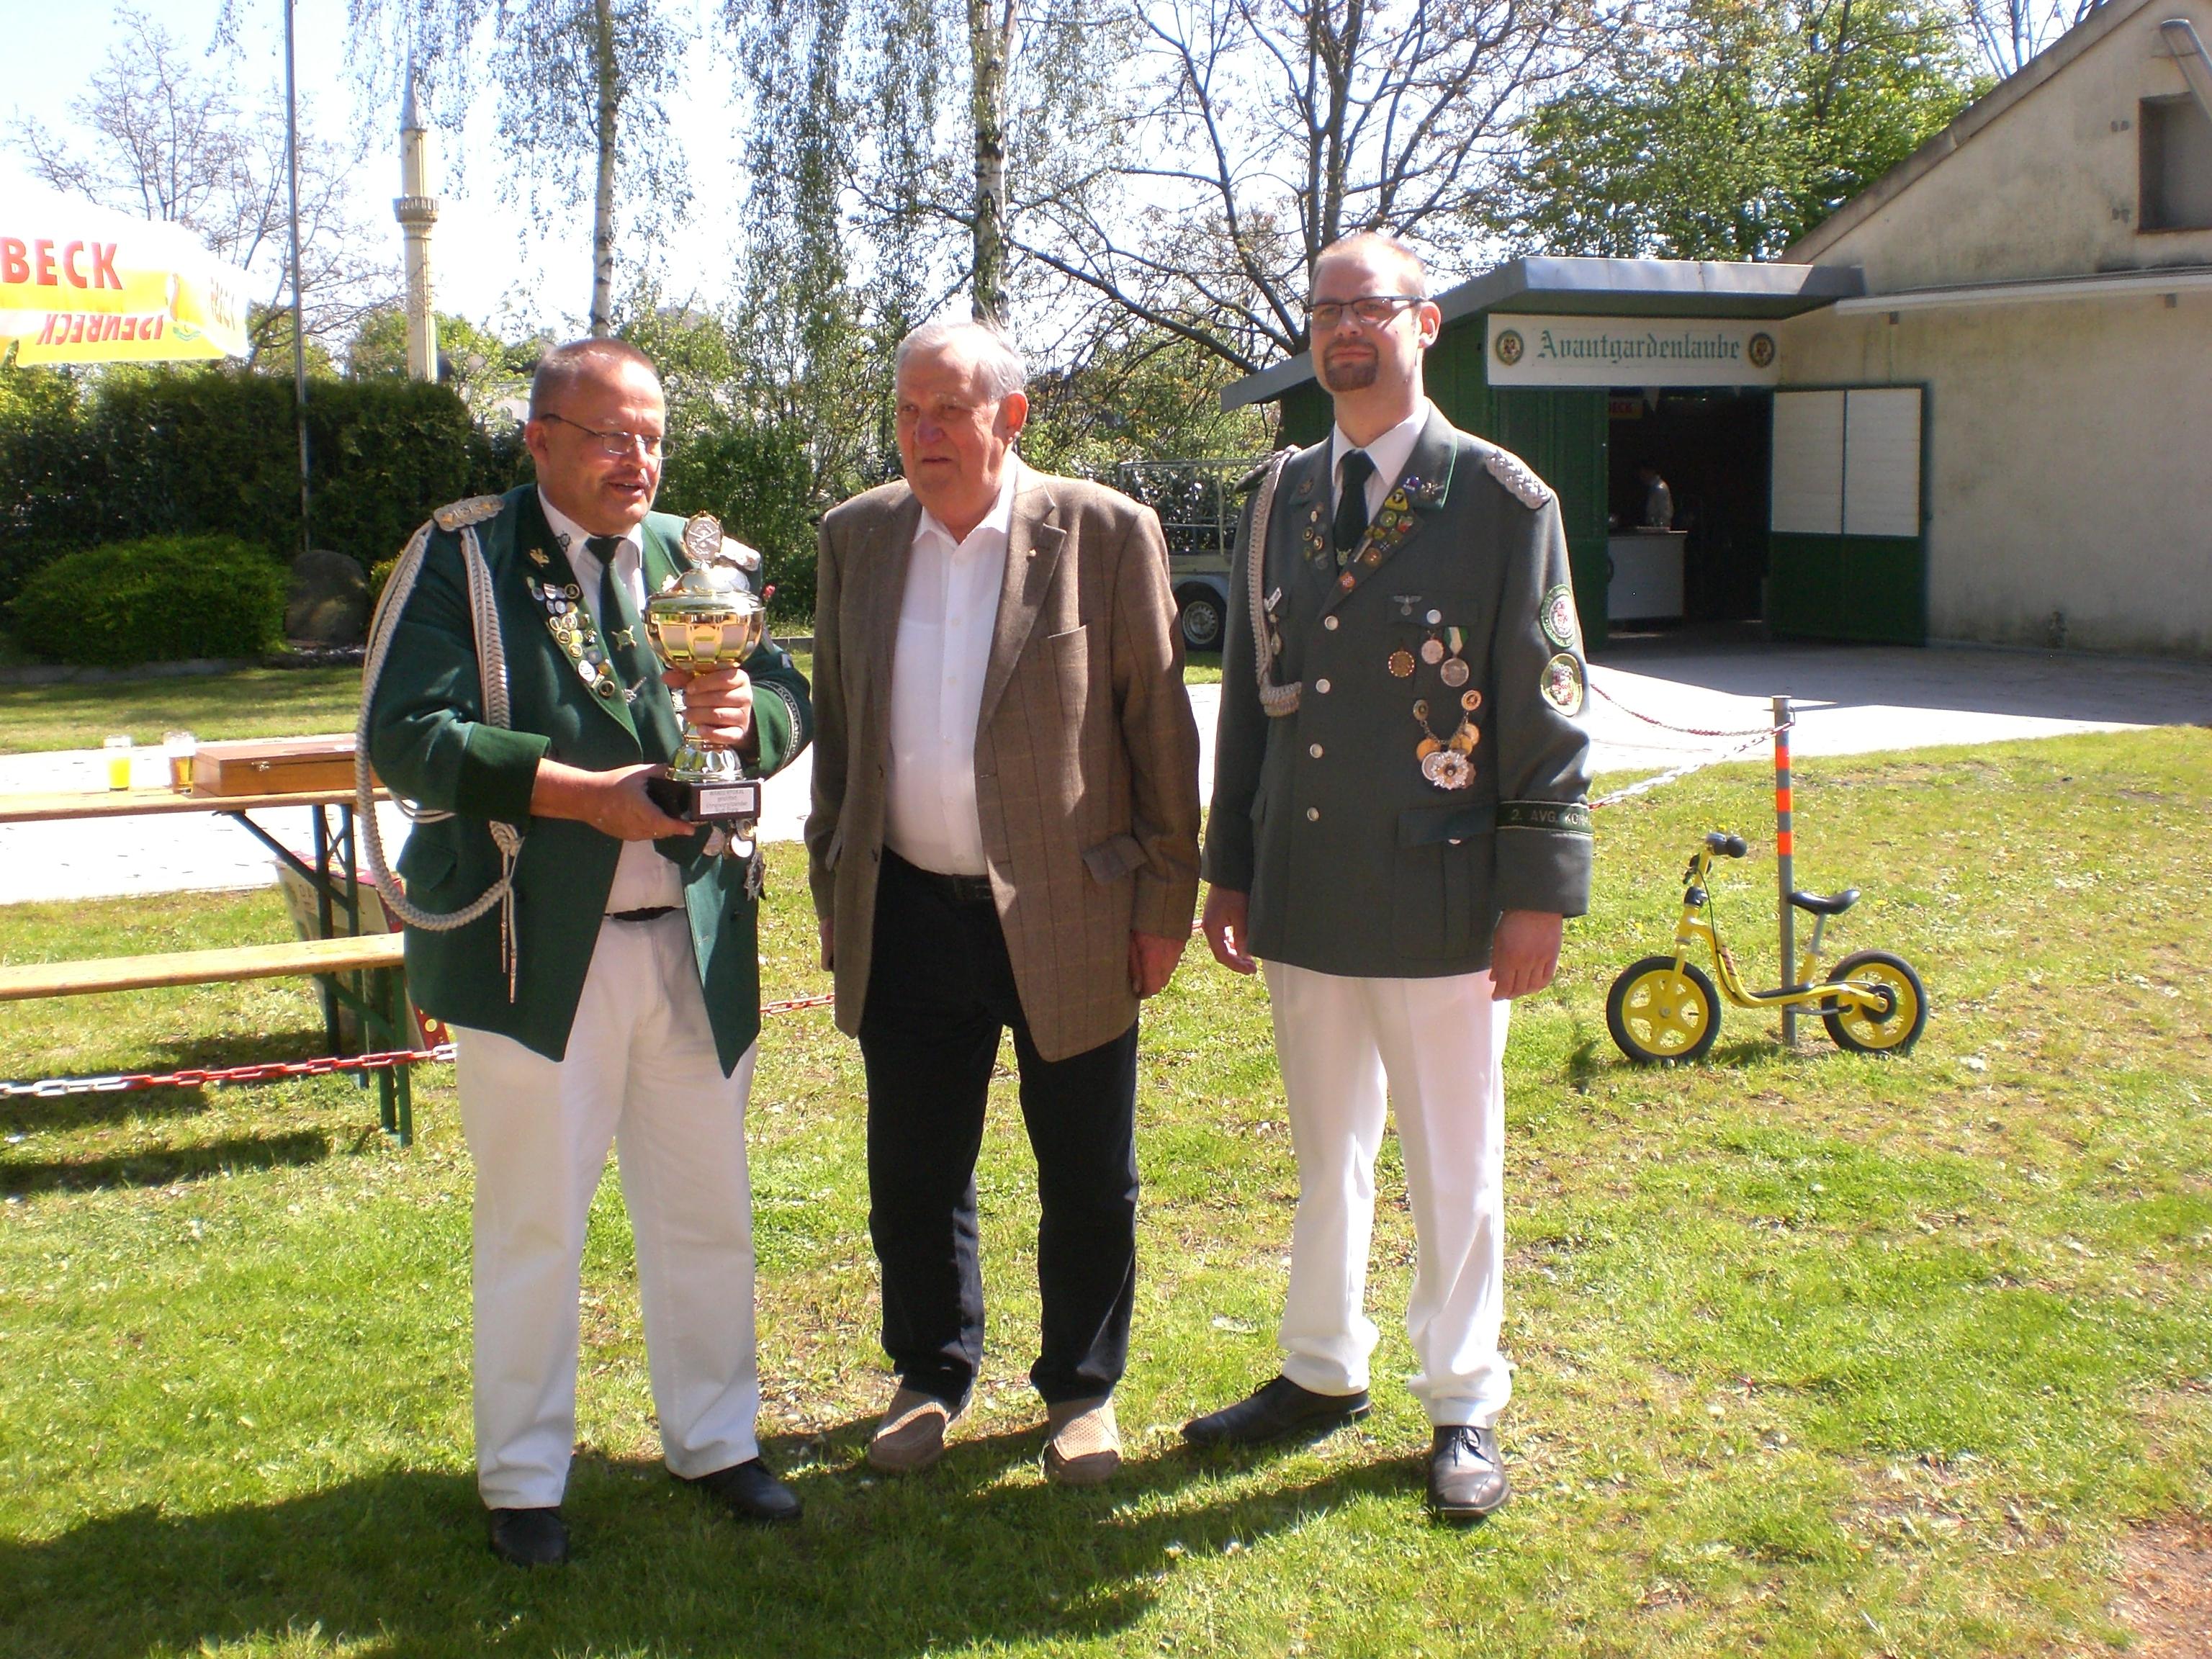 Wanderpokal, gestiftet von unserem Ehrenvorsitzenden, Rudi Diete (Mitte).